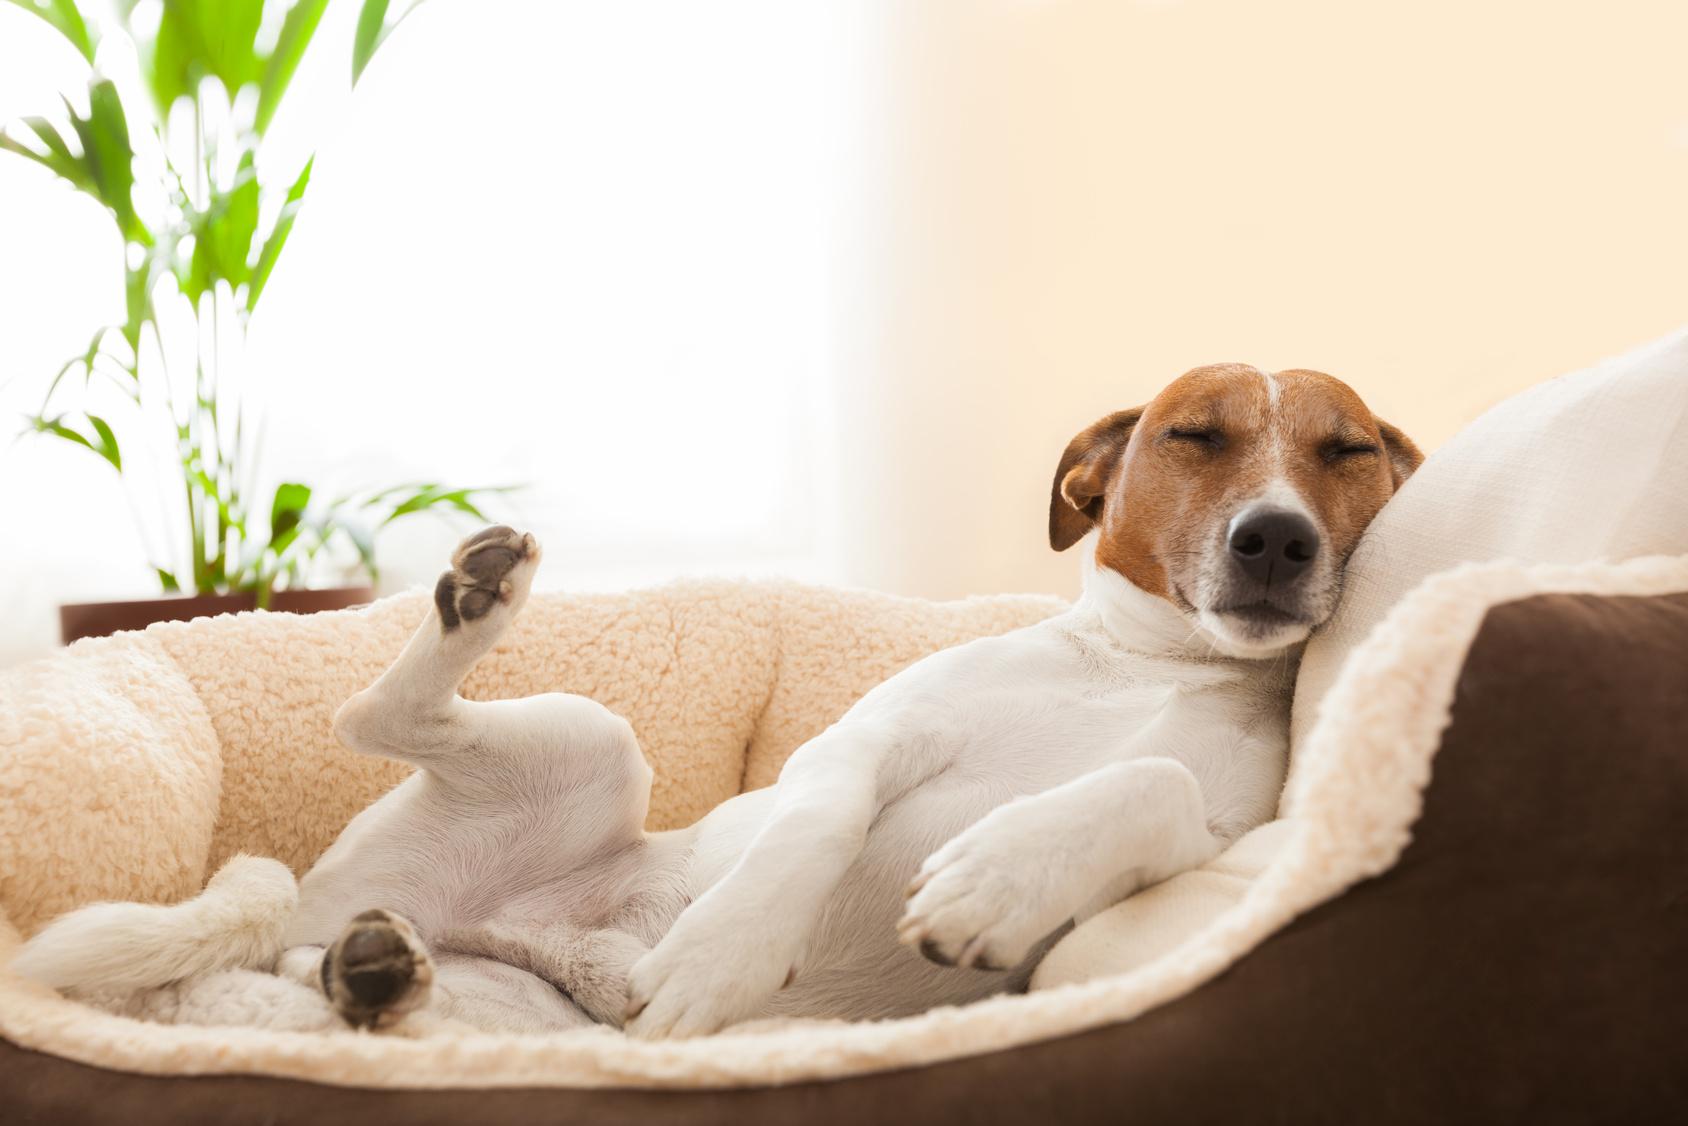 Woofland - Το τέλειο πάρκο μέσα από τα μάτια ενός σκύλου - Γουφαμάρες 6α